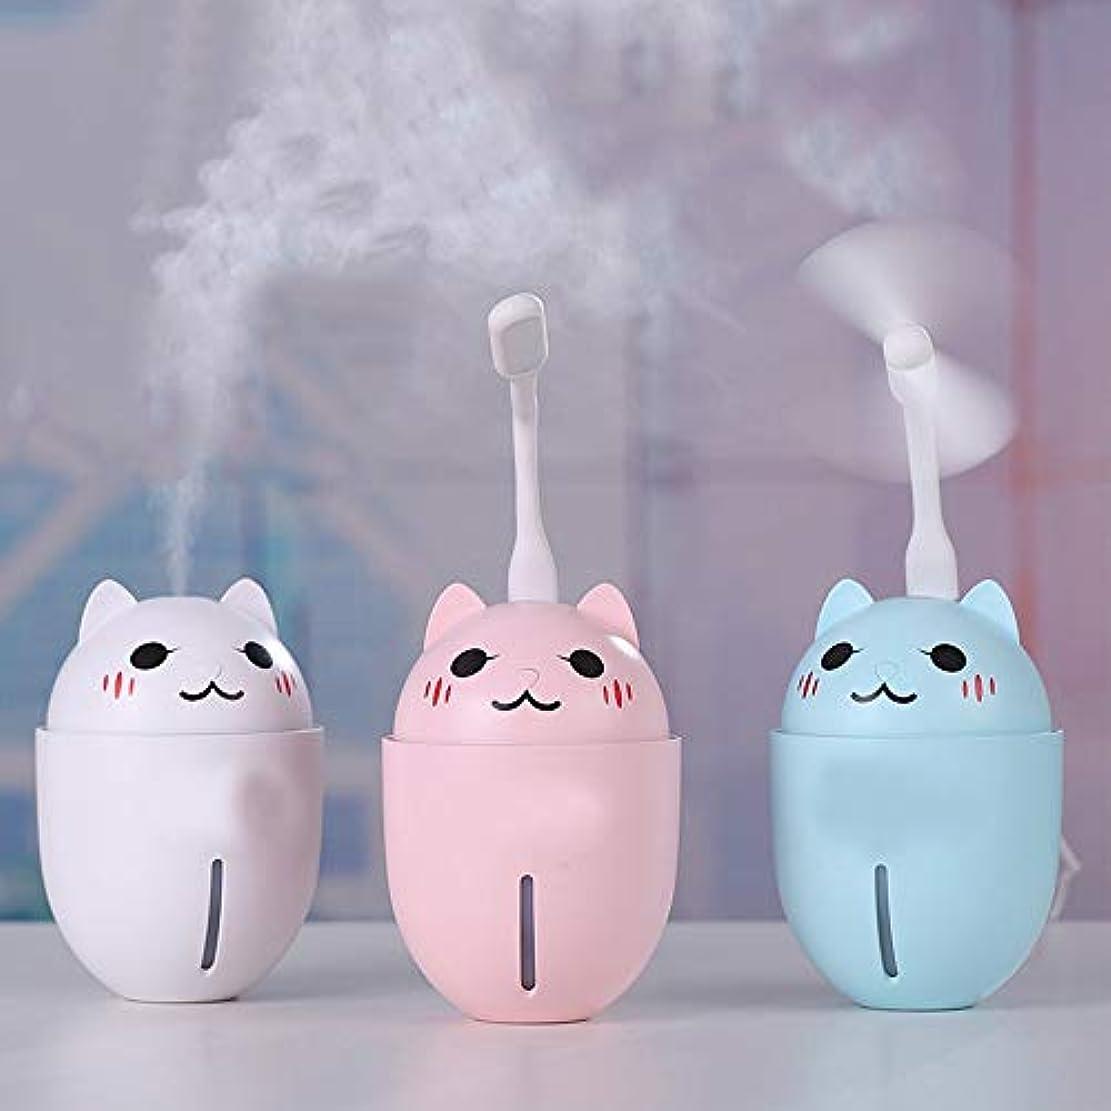 メロンボトルネックサイクロプスZXF 新しいクリエイティブかわいいペット猫加湿器家庭用電化製品3つ1つでミニusb水道メーターファンナイトライトブルーピンクホワイト 滑らかである (色 : Pink)